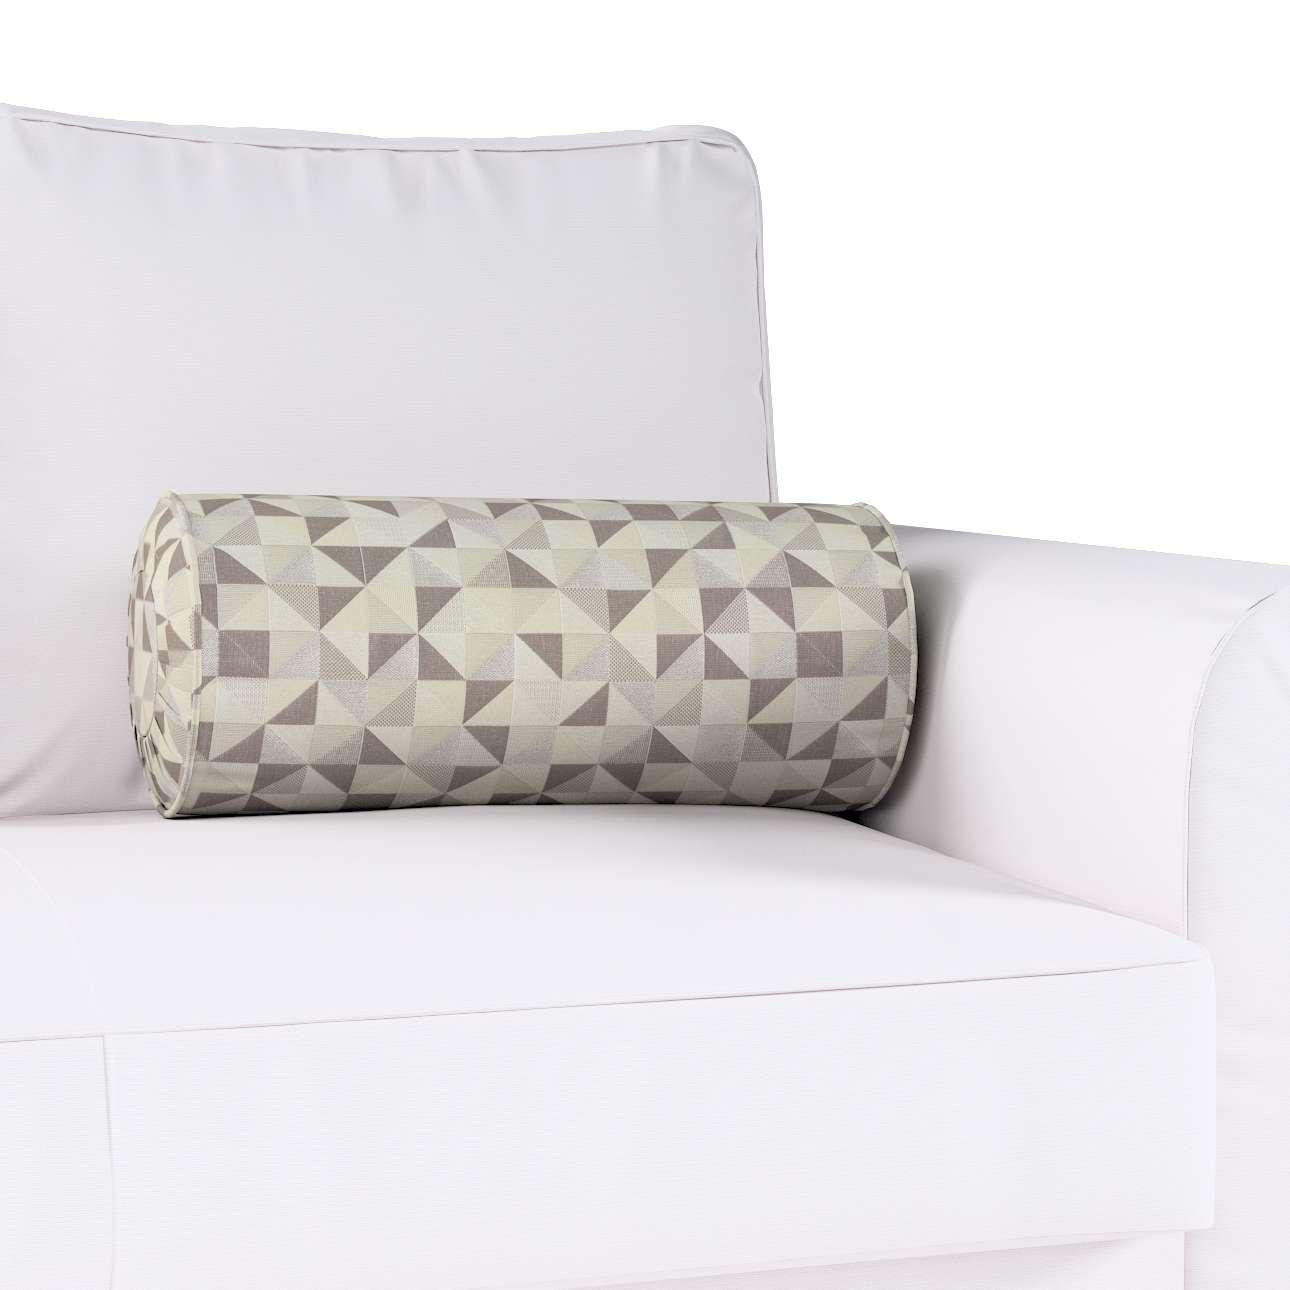 Poduszka wałek z zakładkami w kolekcji Retro Glam, tkanina: 142-85